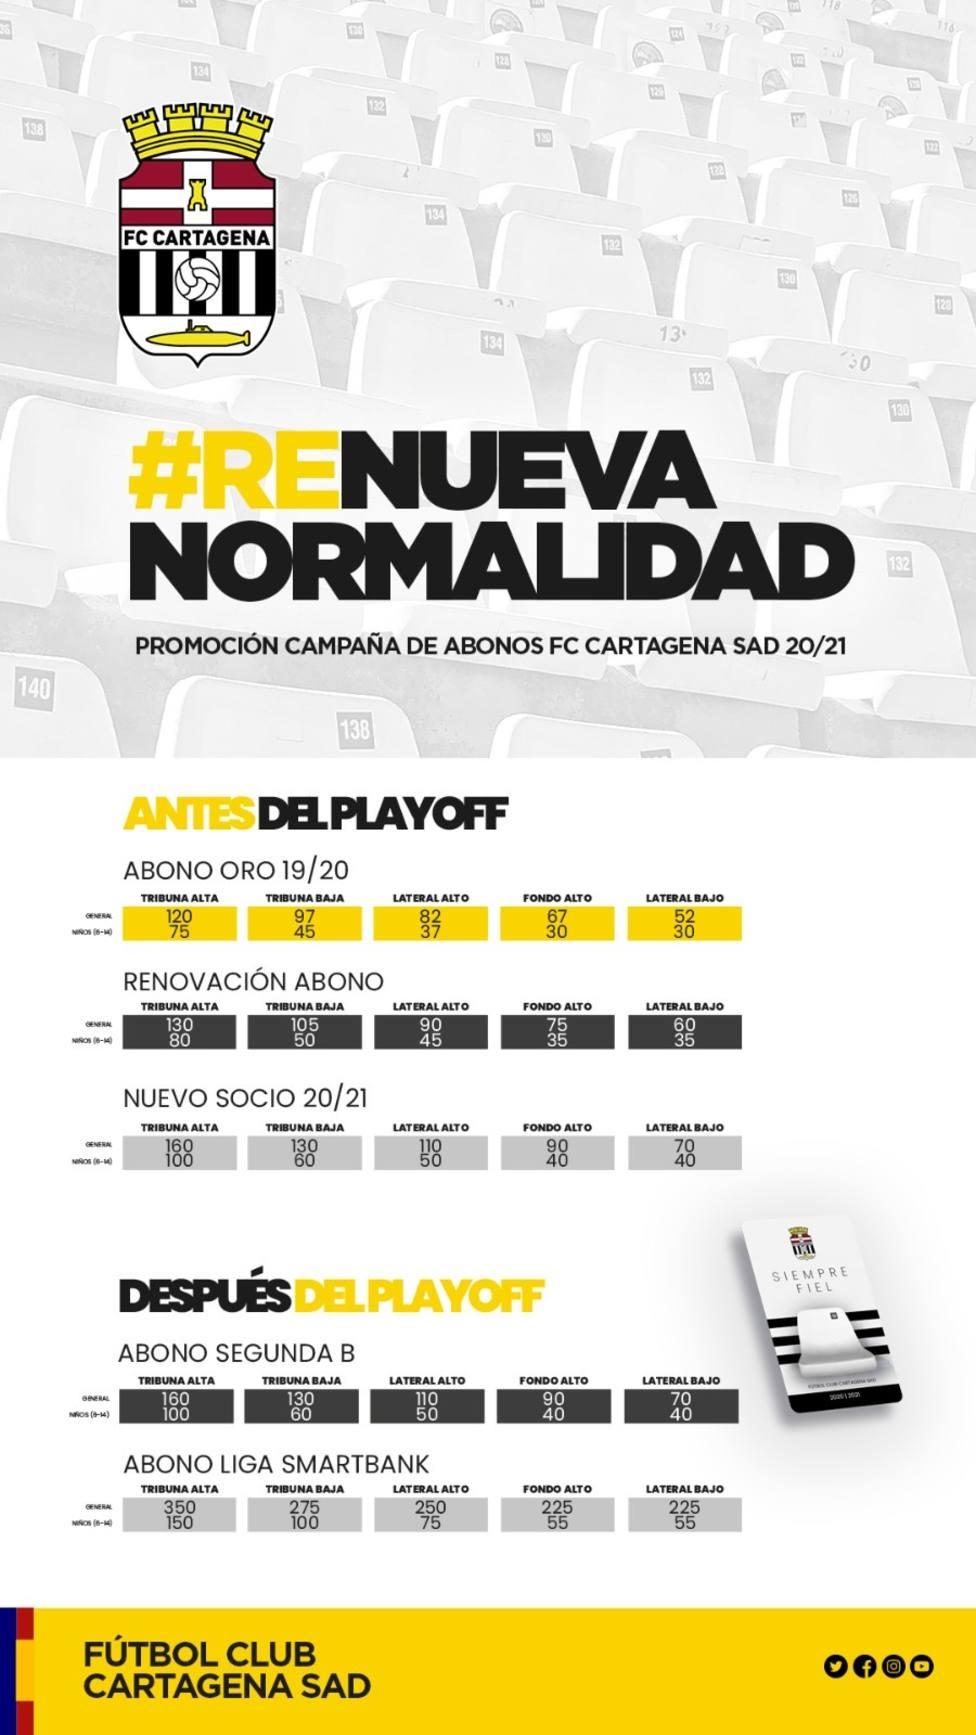 Los primeros abonados del FC Cartagena se apuntan a través de internet